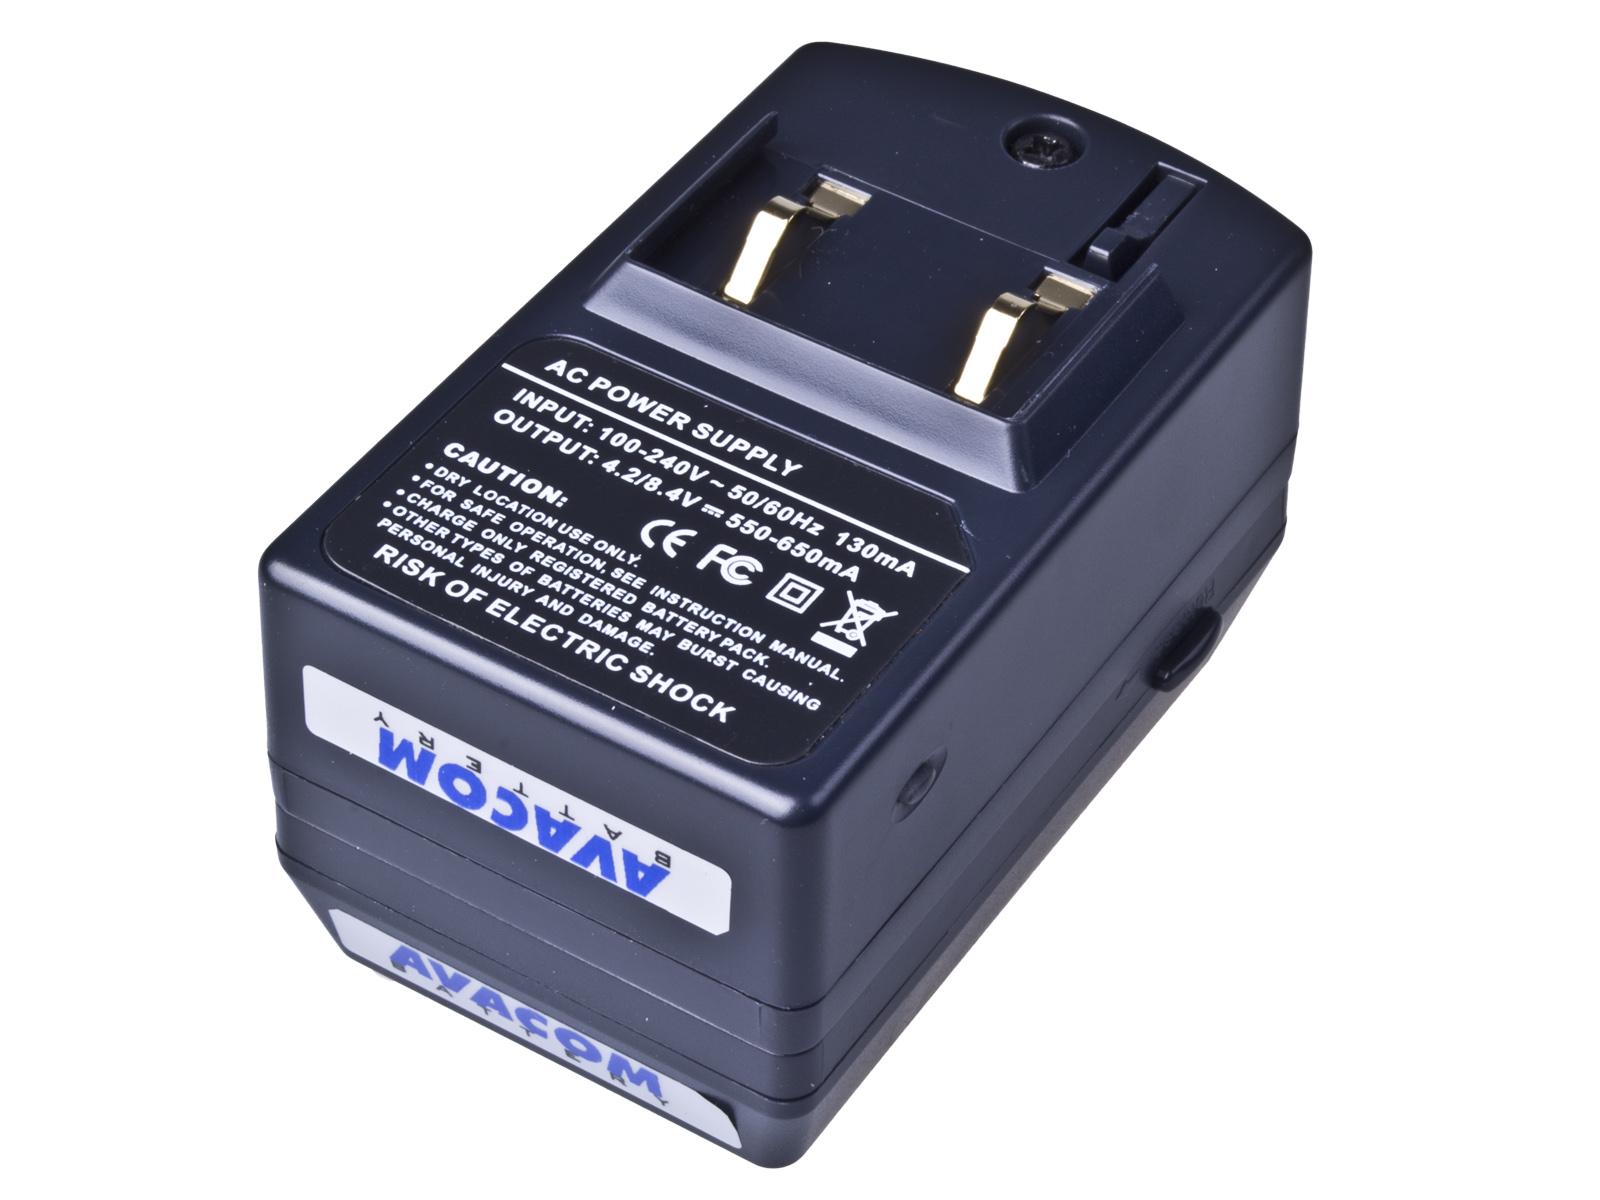 Nabíječka pro Li-Ion akumulátor Nikon EN-EL5 - NADI-ACM-155